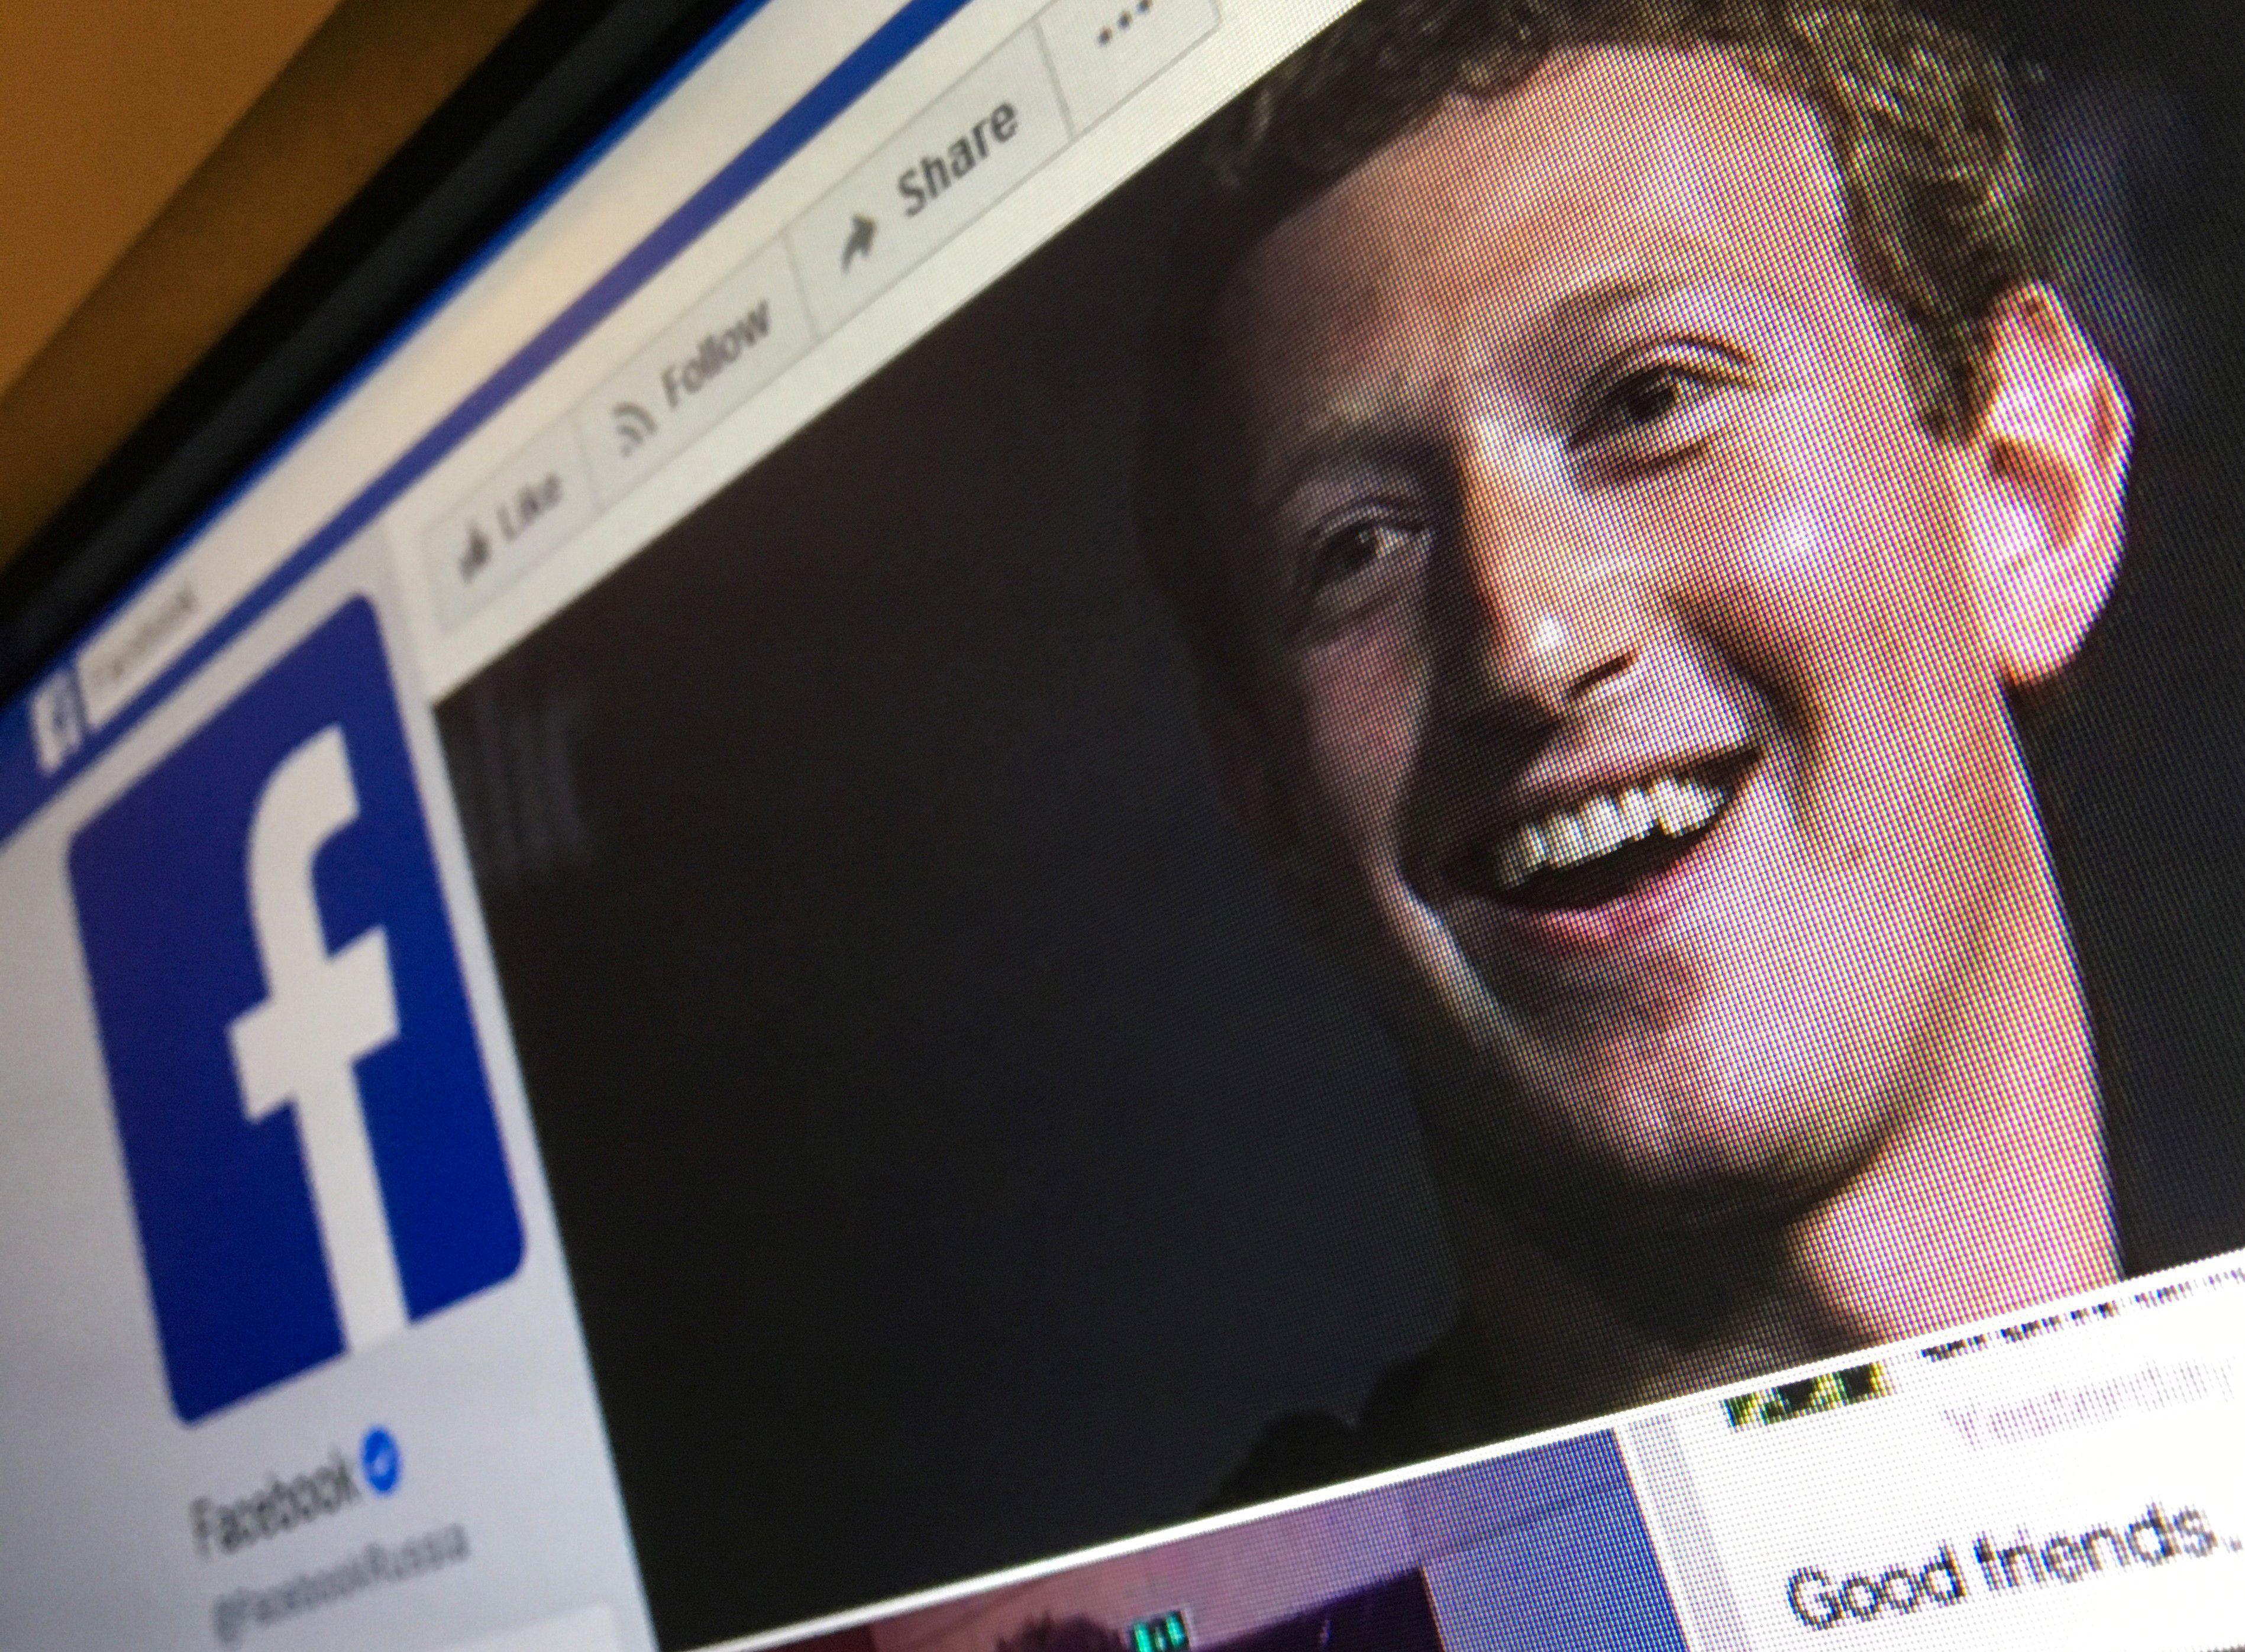 Facebook CEO Mark Zuckerberg on a computer screen with the Facebook logo.